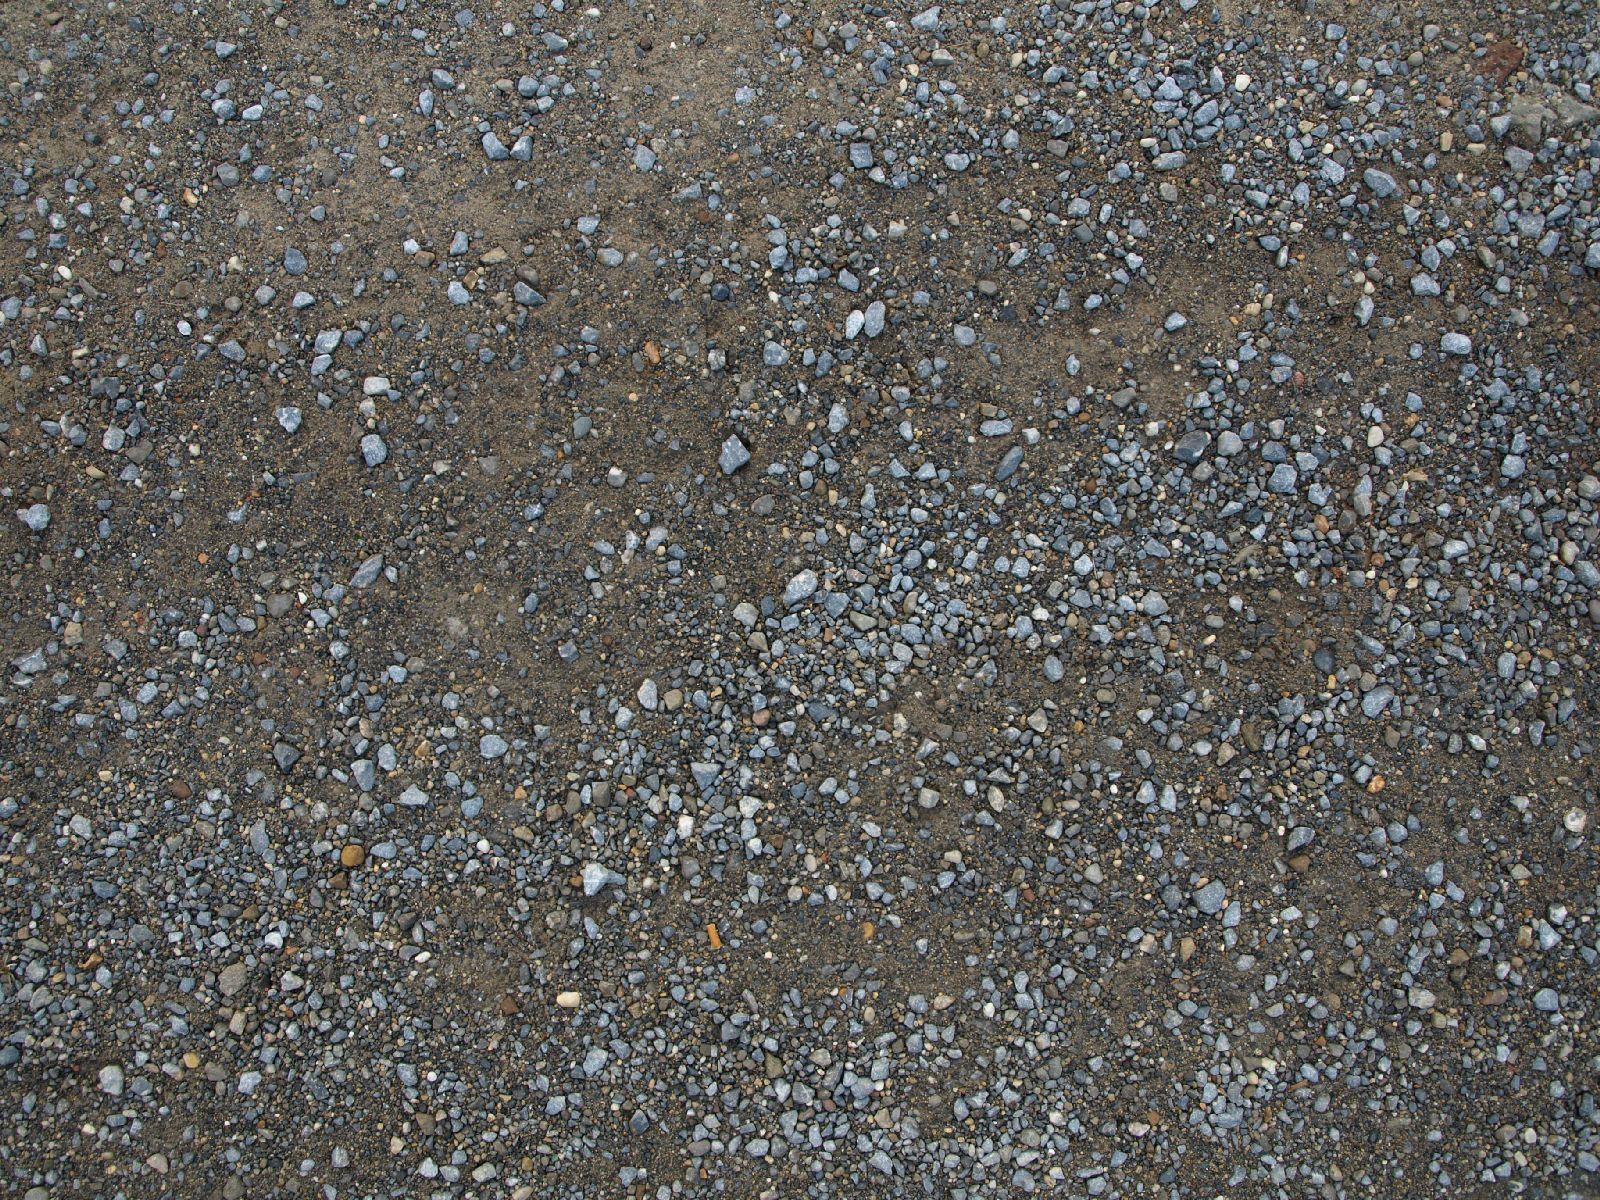 Boden-Erde-Steine_Textur_A_P8214558